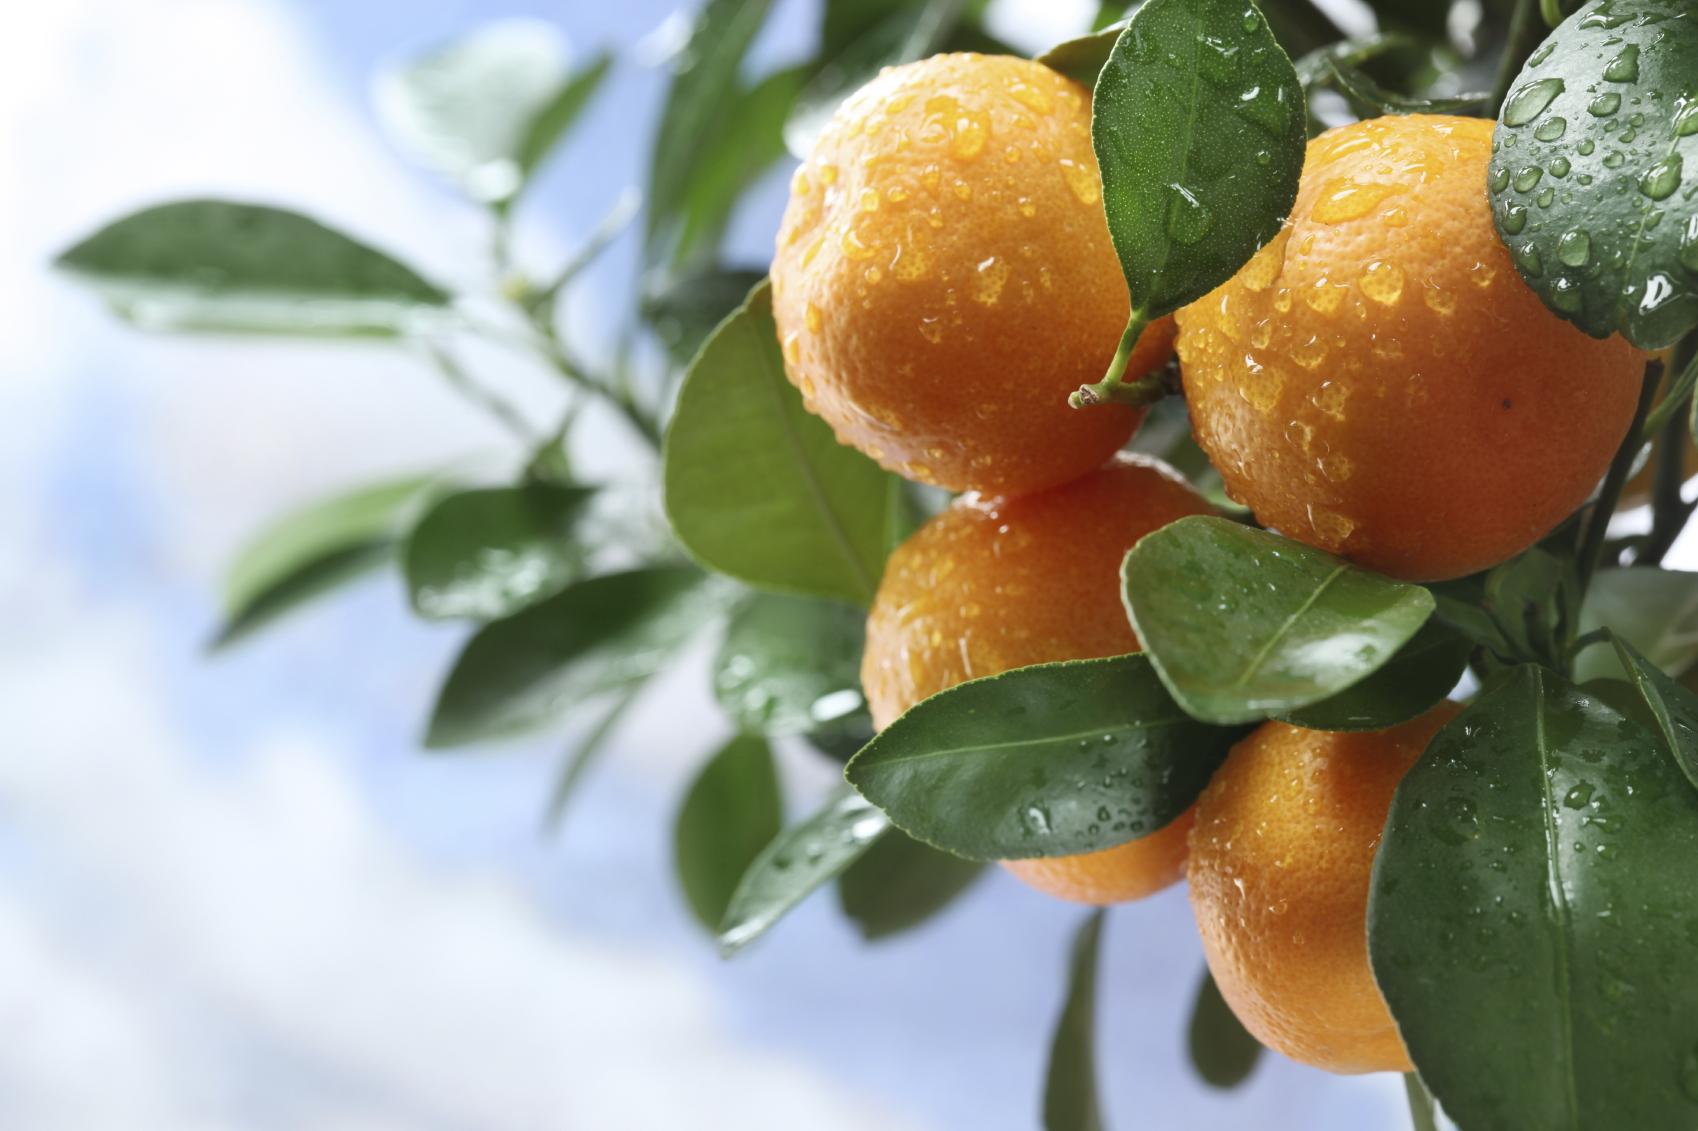 Naranjas, un alimento rico en vitaminas